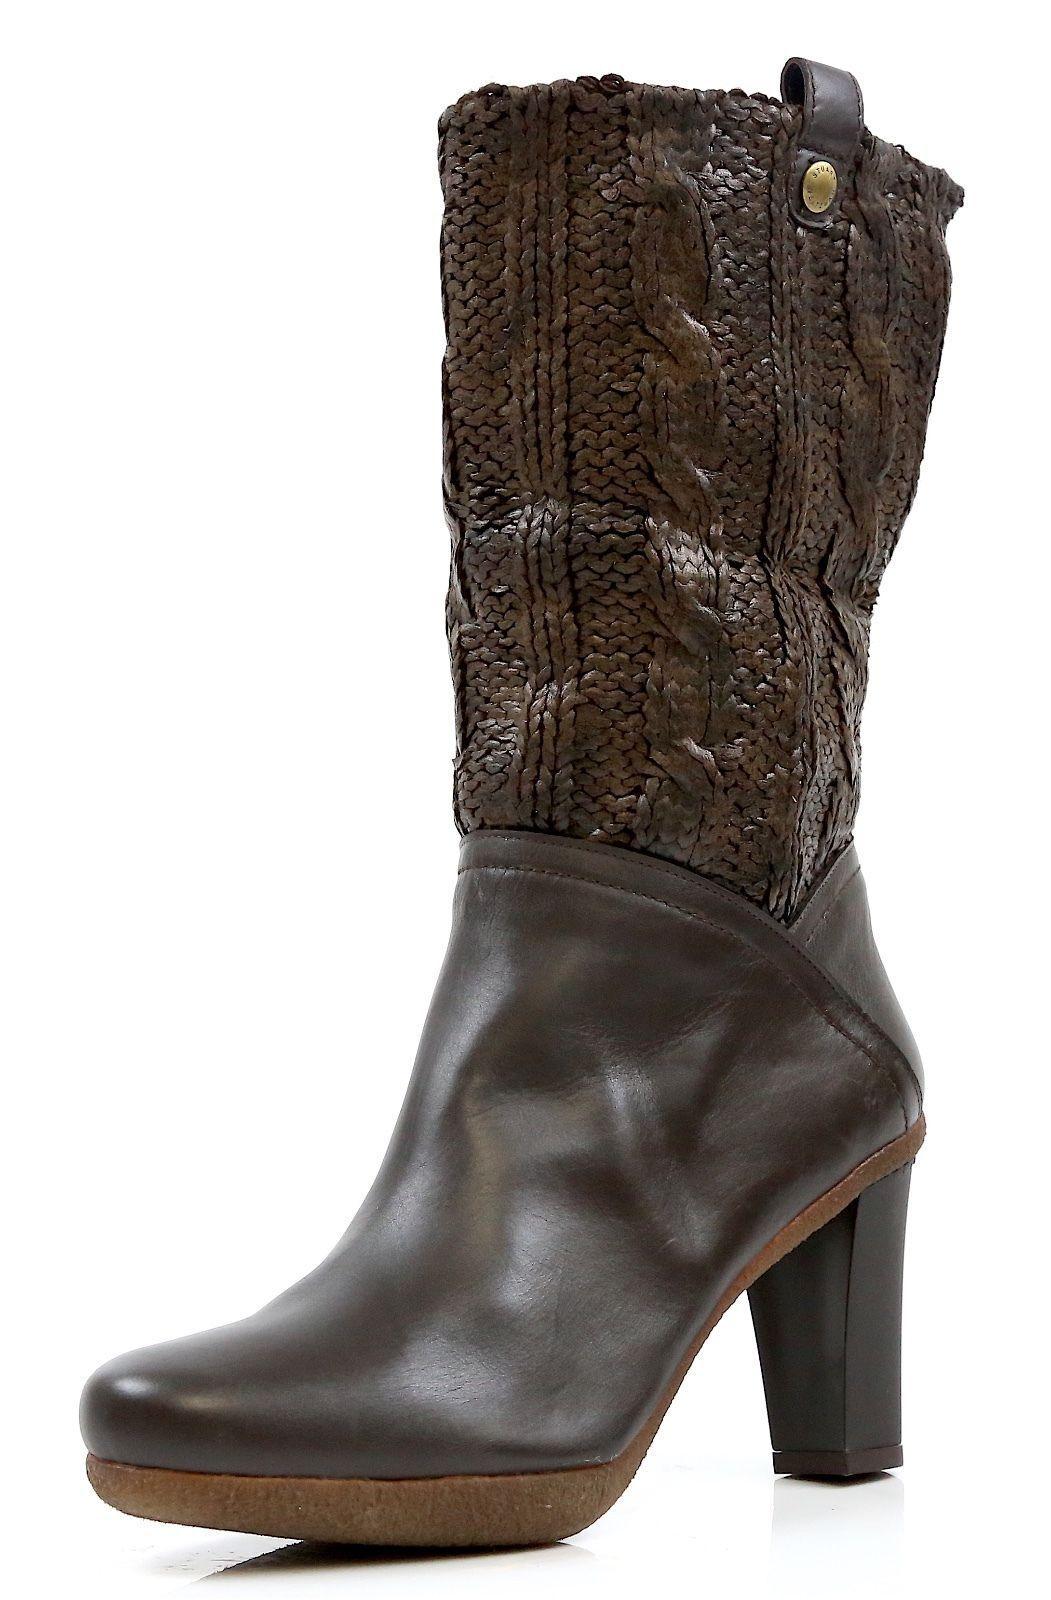 Nuevo    Stuart Weitzman Purley marrón botas de punto Lacado 9467  KW17492 Talla 8.5 B  suministro directo de los fabricantes